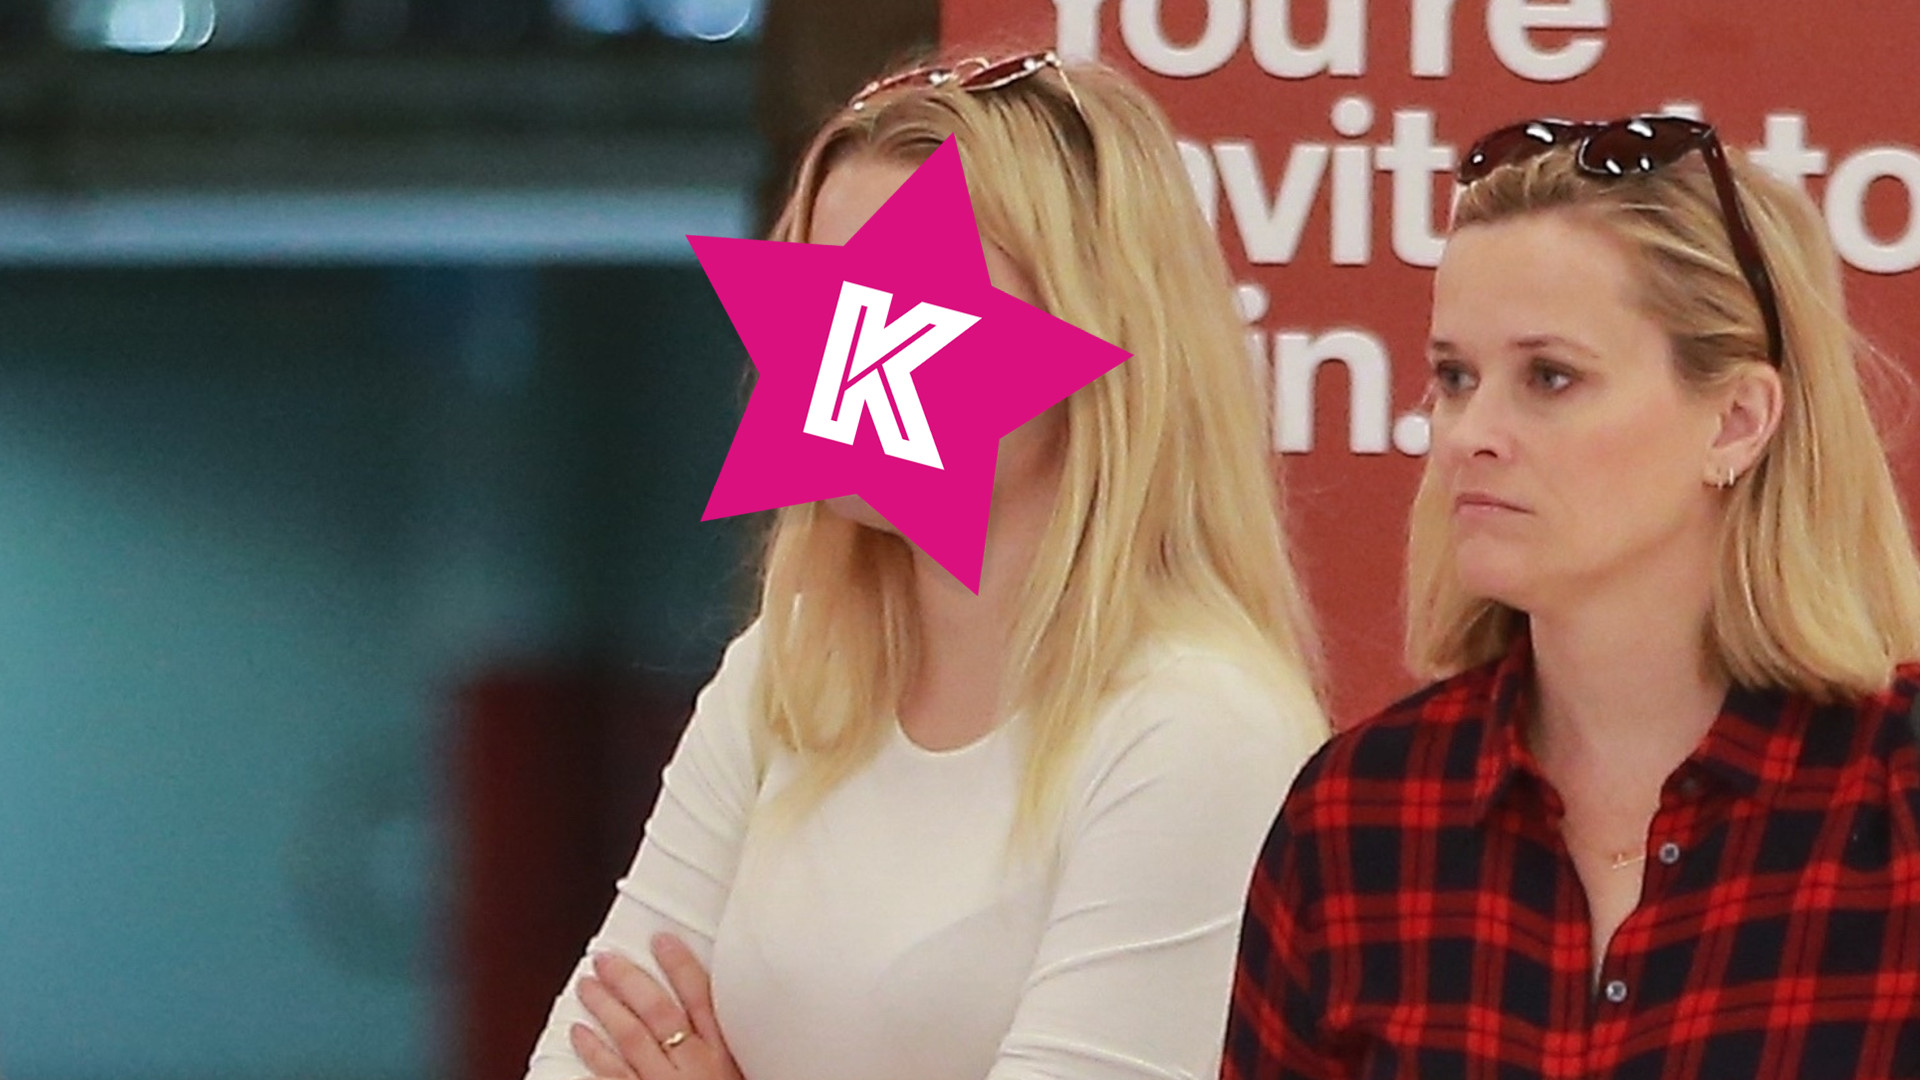 Nie do wiary, jak bardzo córka Reese Witherspoon jest podobna do matki (ZDJĘCIA)